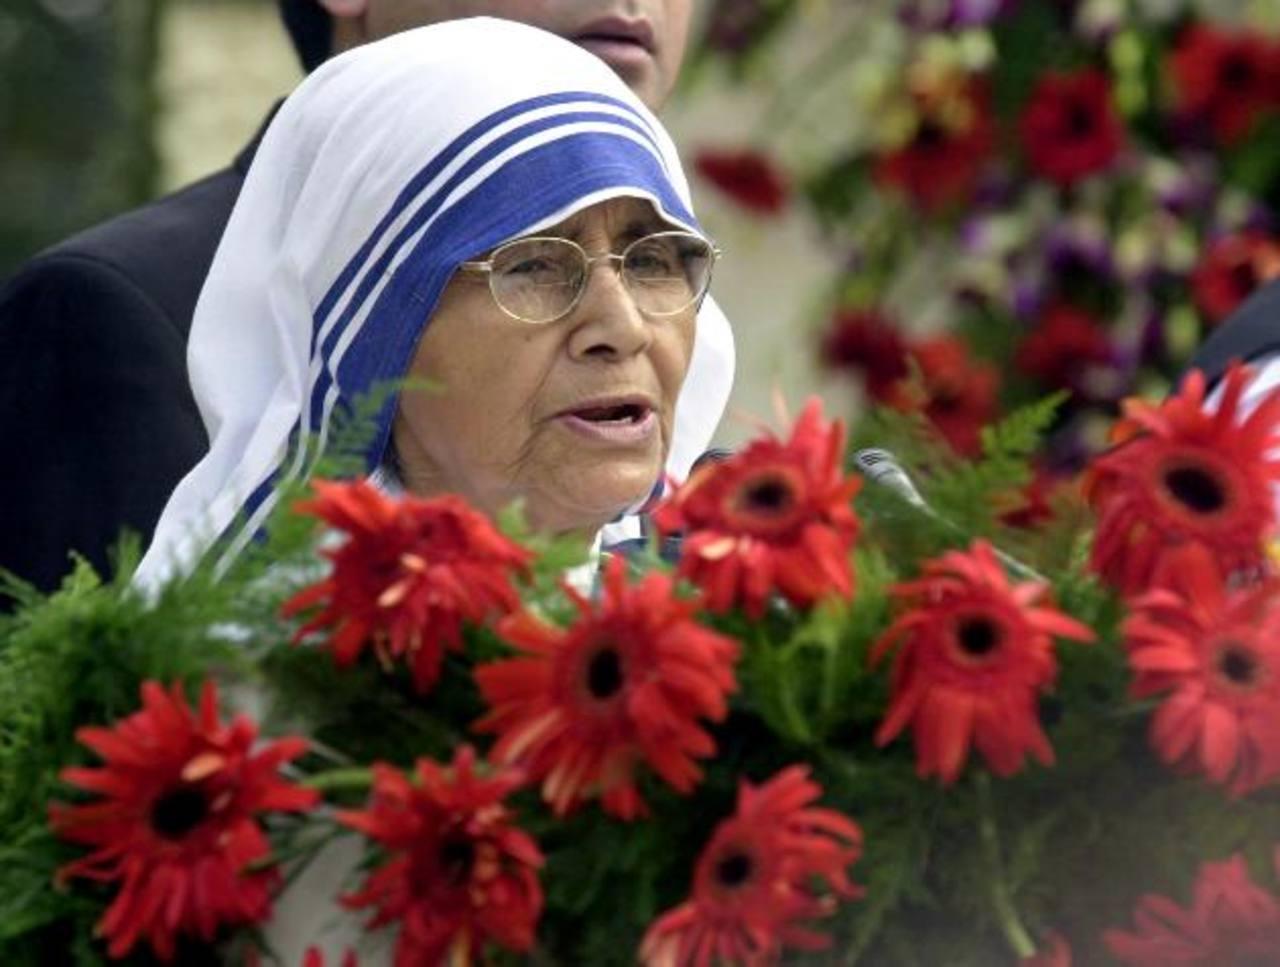 La monja Nirmala Joshi, quien reemplazó a la madre Teresa de Calcuta como jefa de las Misioneras de la Caridad, falleció a los 81 años.